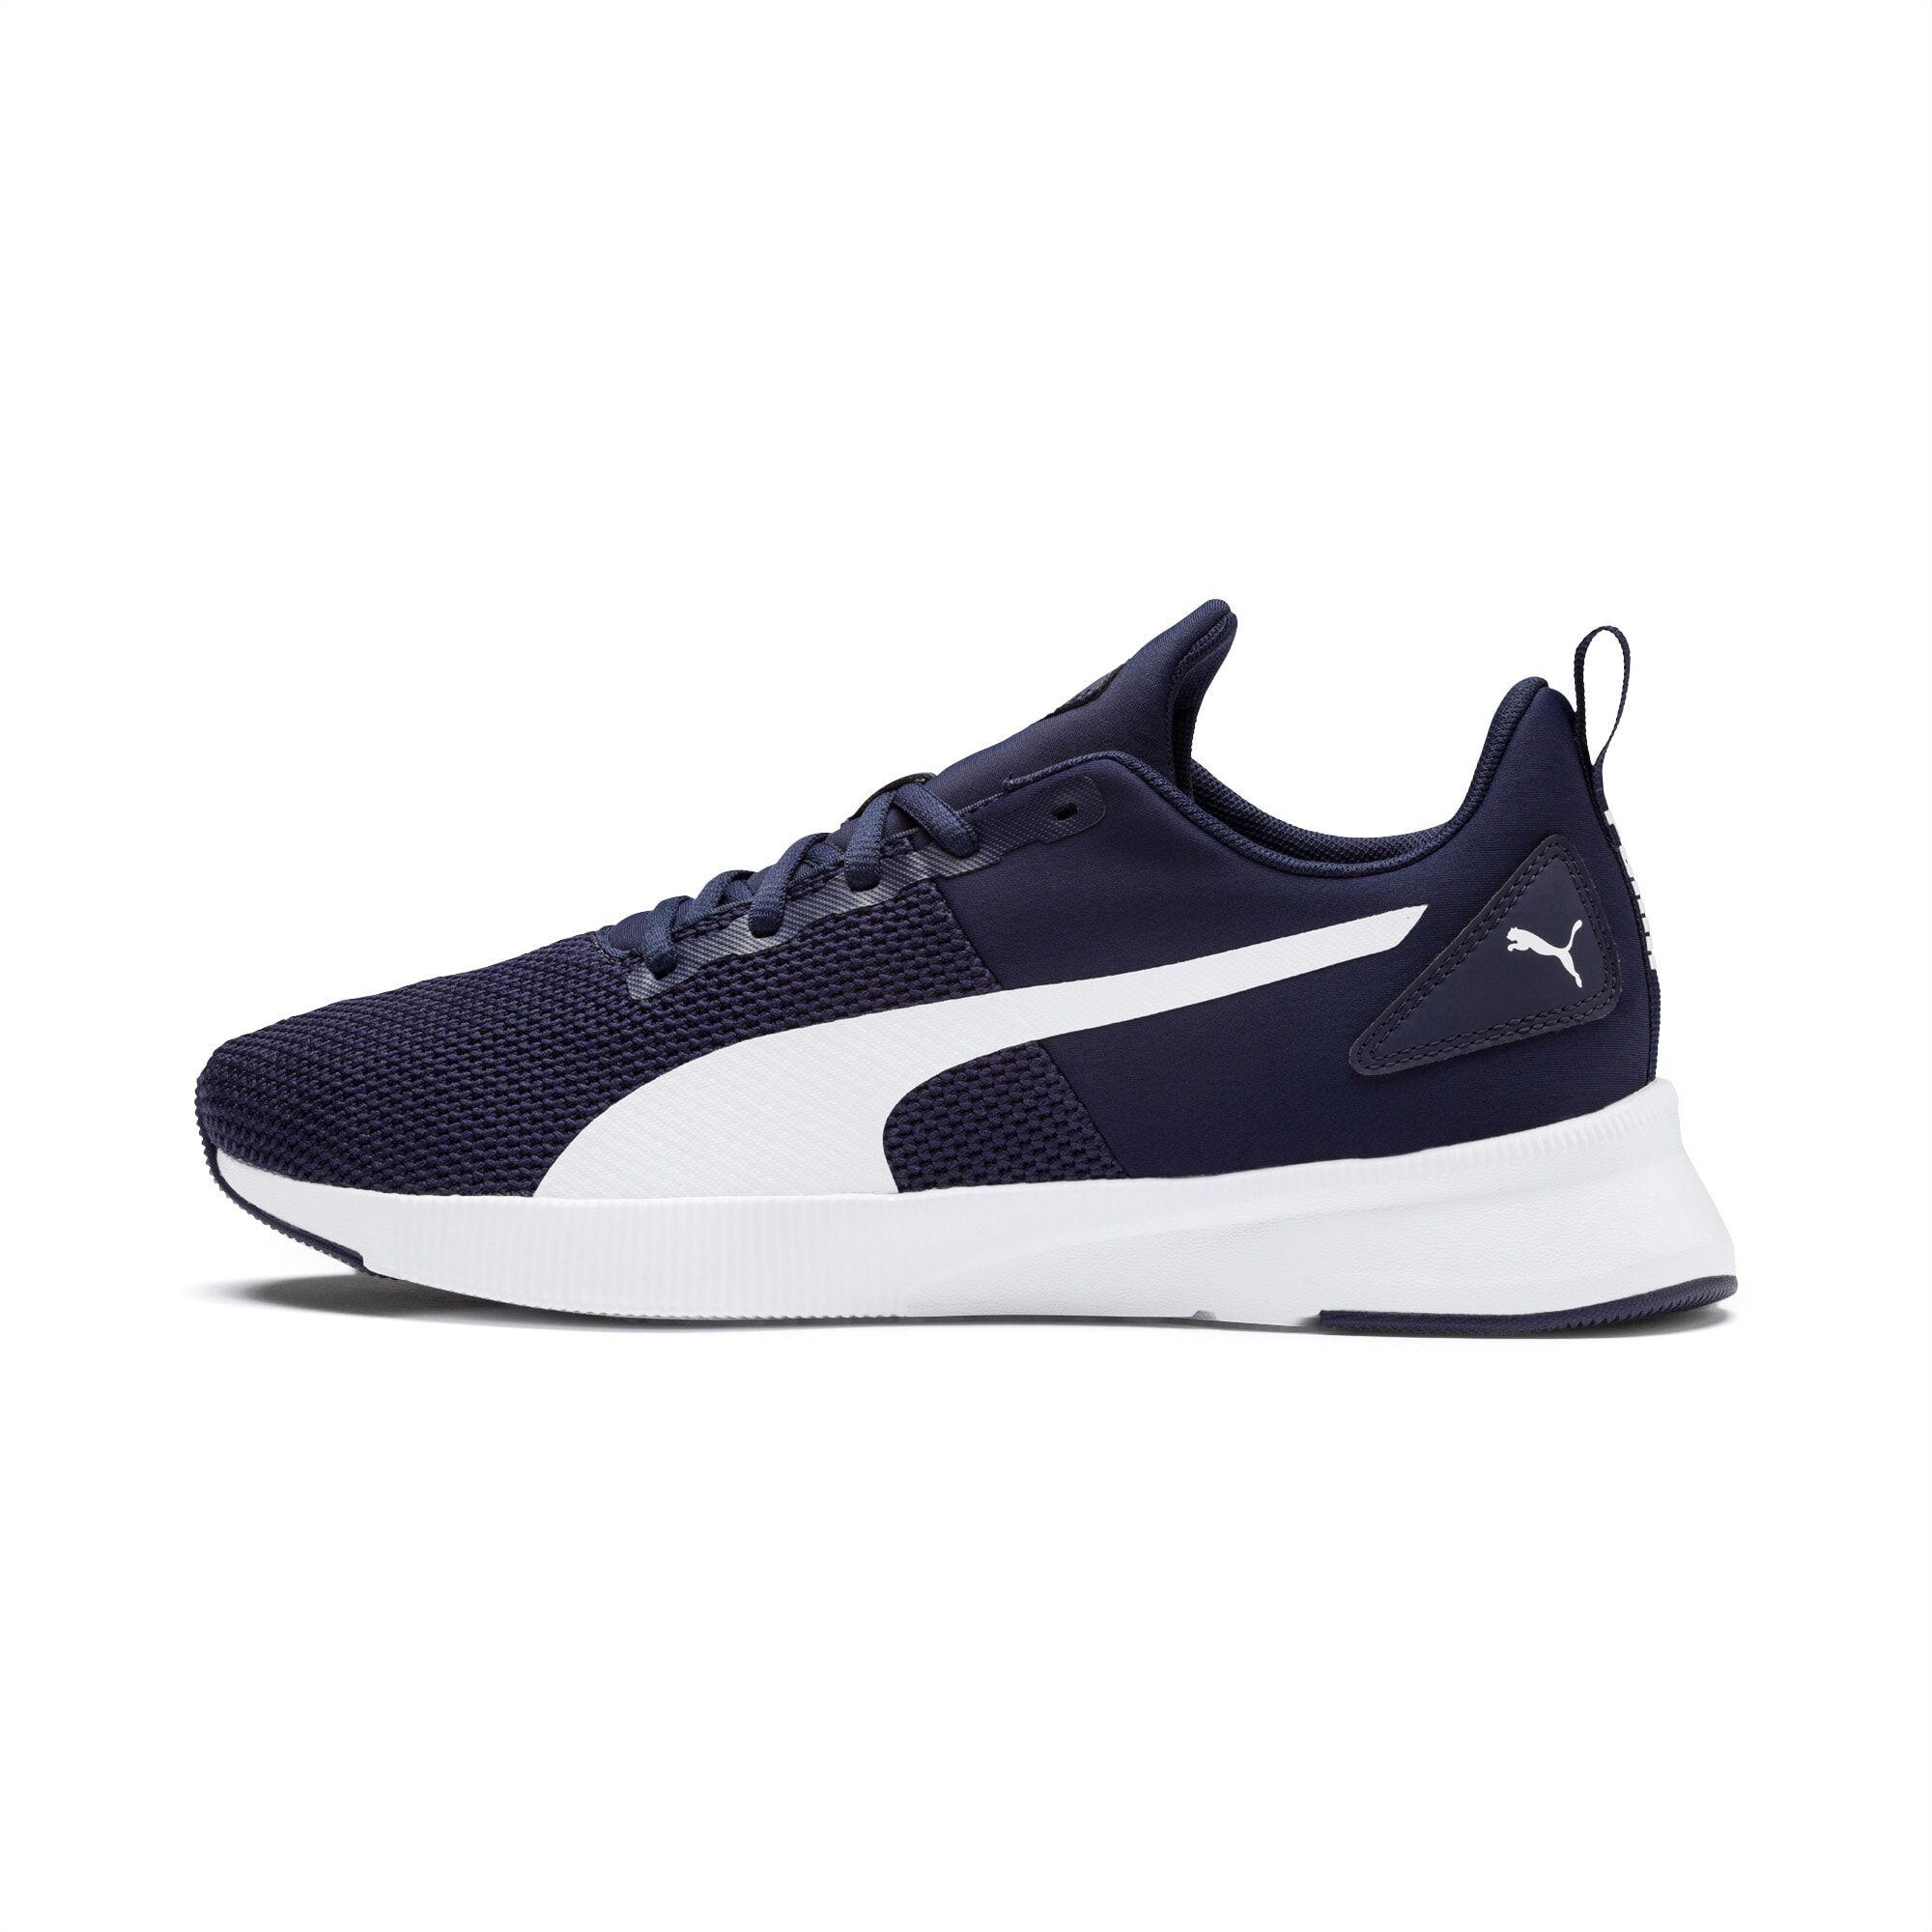 PUMA Chaussure de course Flyer Runner, Bleu/Blanc, Taille 42.5, Chaussures